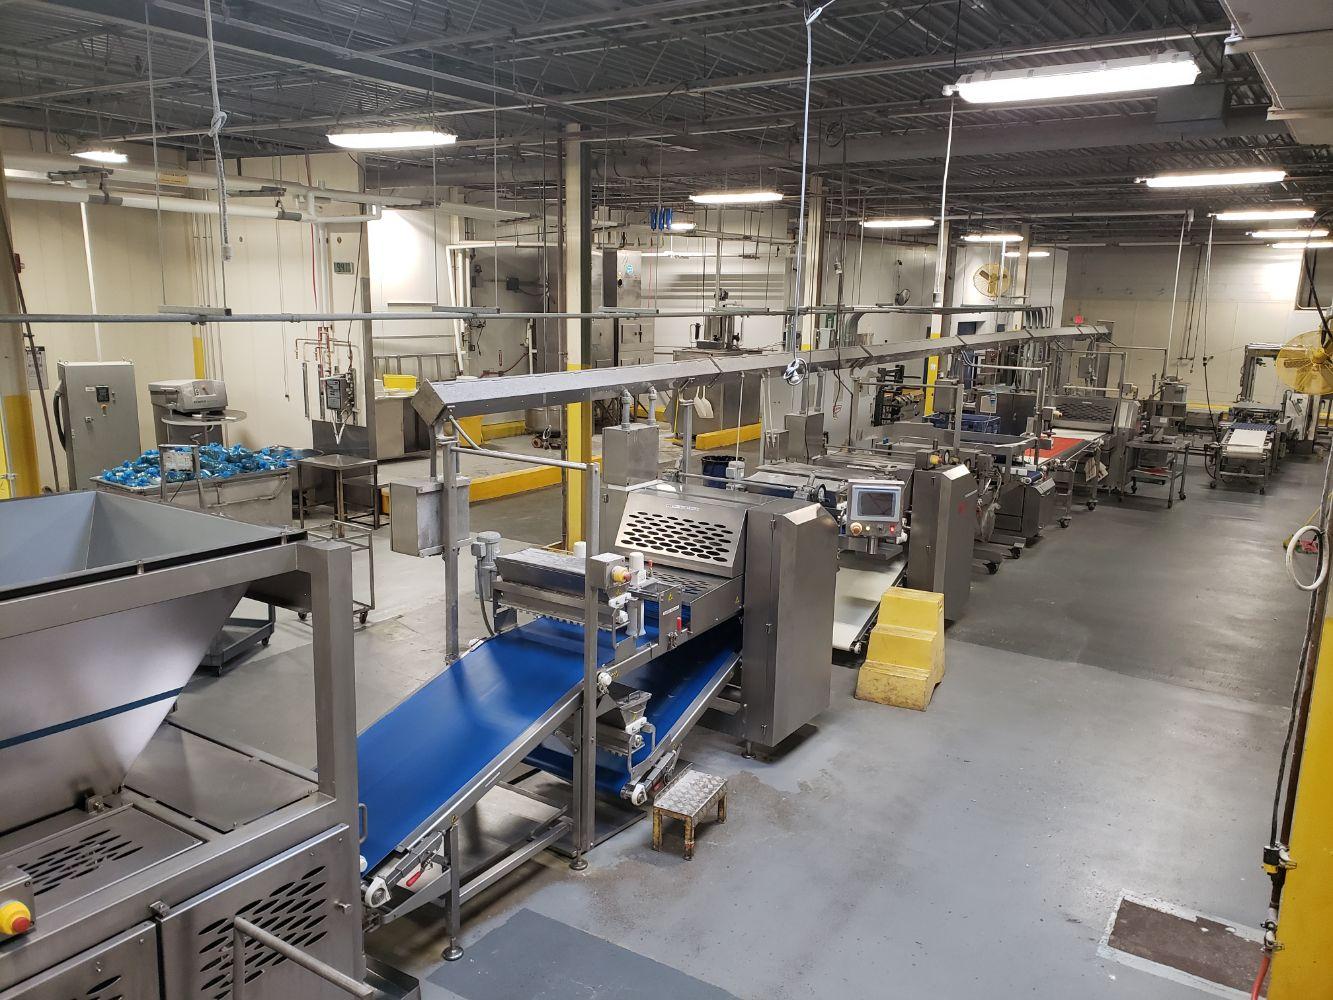 250,000 sq. ft. Baguette, Bun & Bread Equipment: Plant Closure of Signature Breads